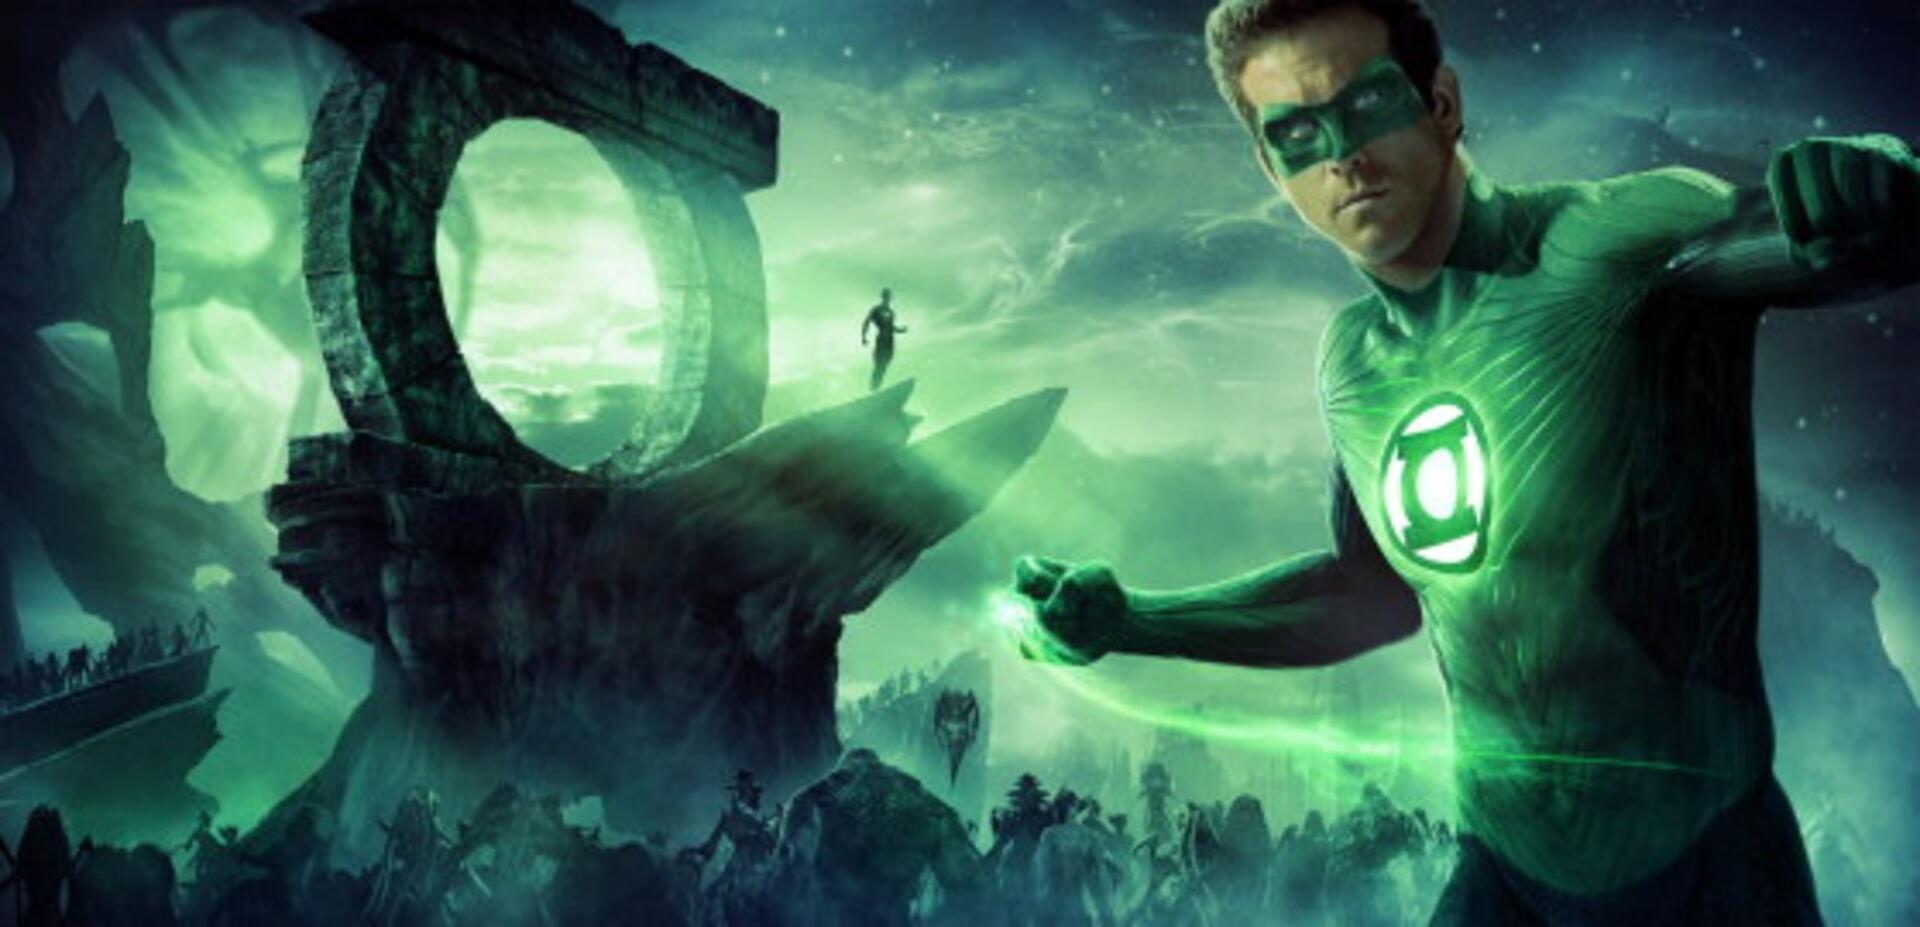 Green Lantern - Image 2